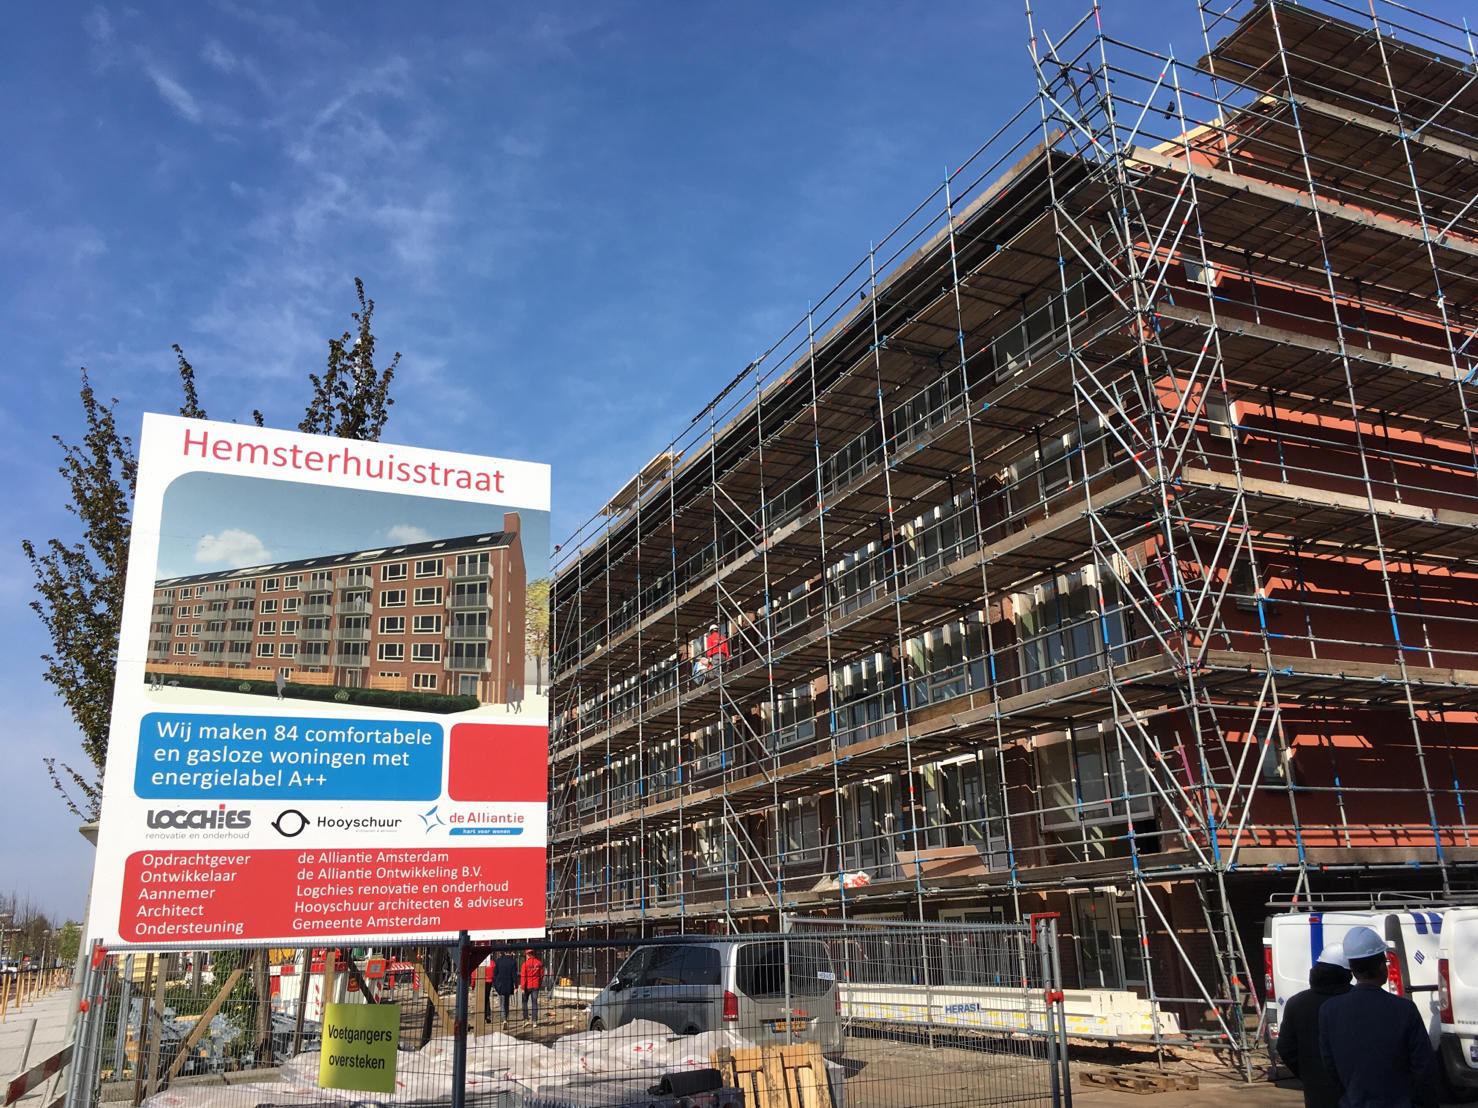 Voor de planontwikkeling en uitvoering van de renovatie vormde de Alliantie een bouwteam met Hooyschuur Architecten, constructeur Strackee en Logchies renovatie en onderhoud.